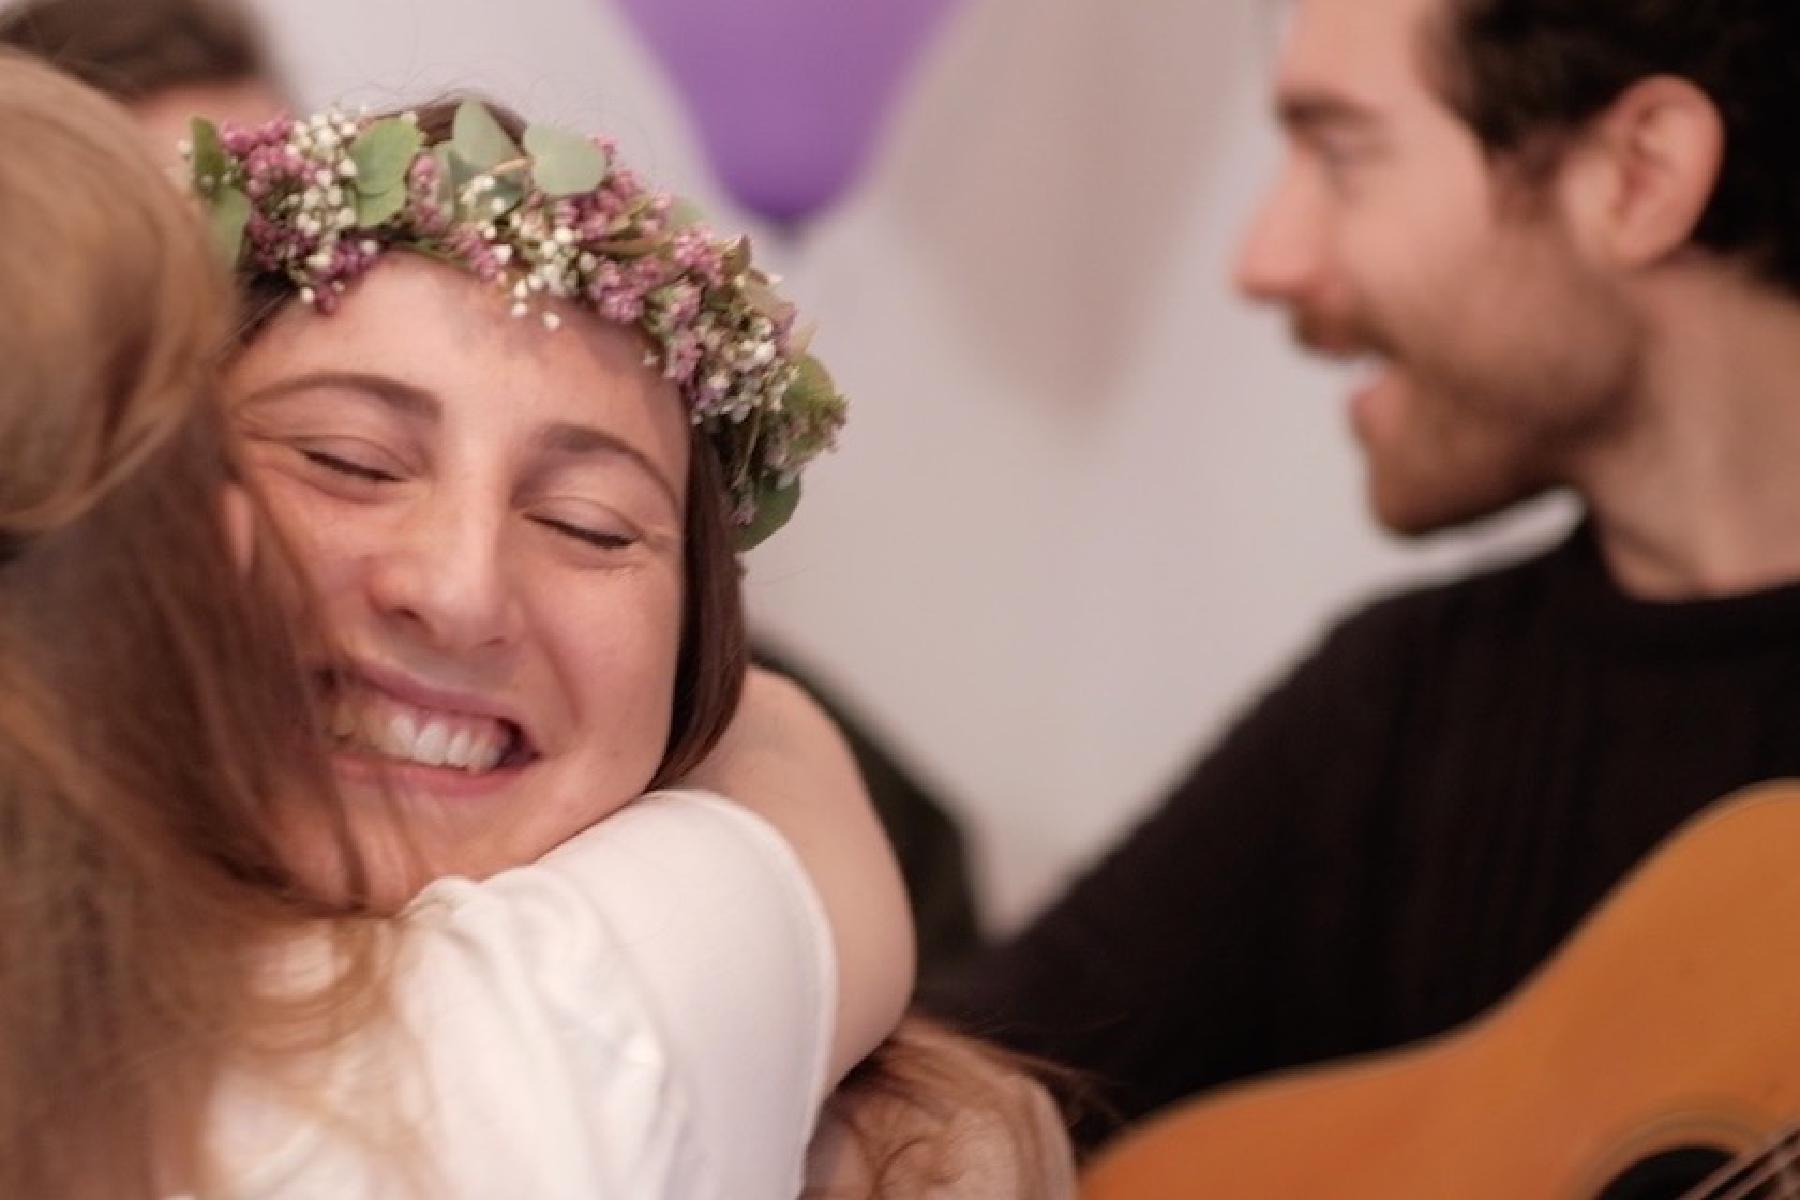 Trauzeugin umarmt Braut mit Amistat im Hintergrund